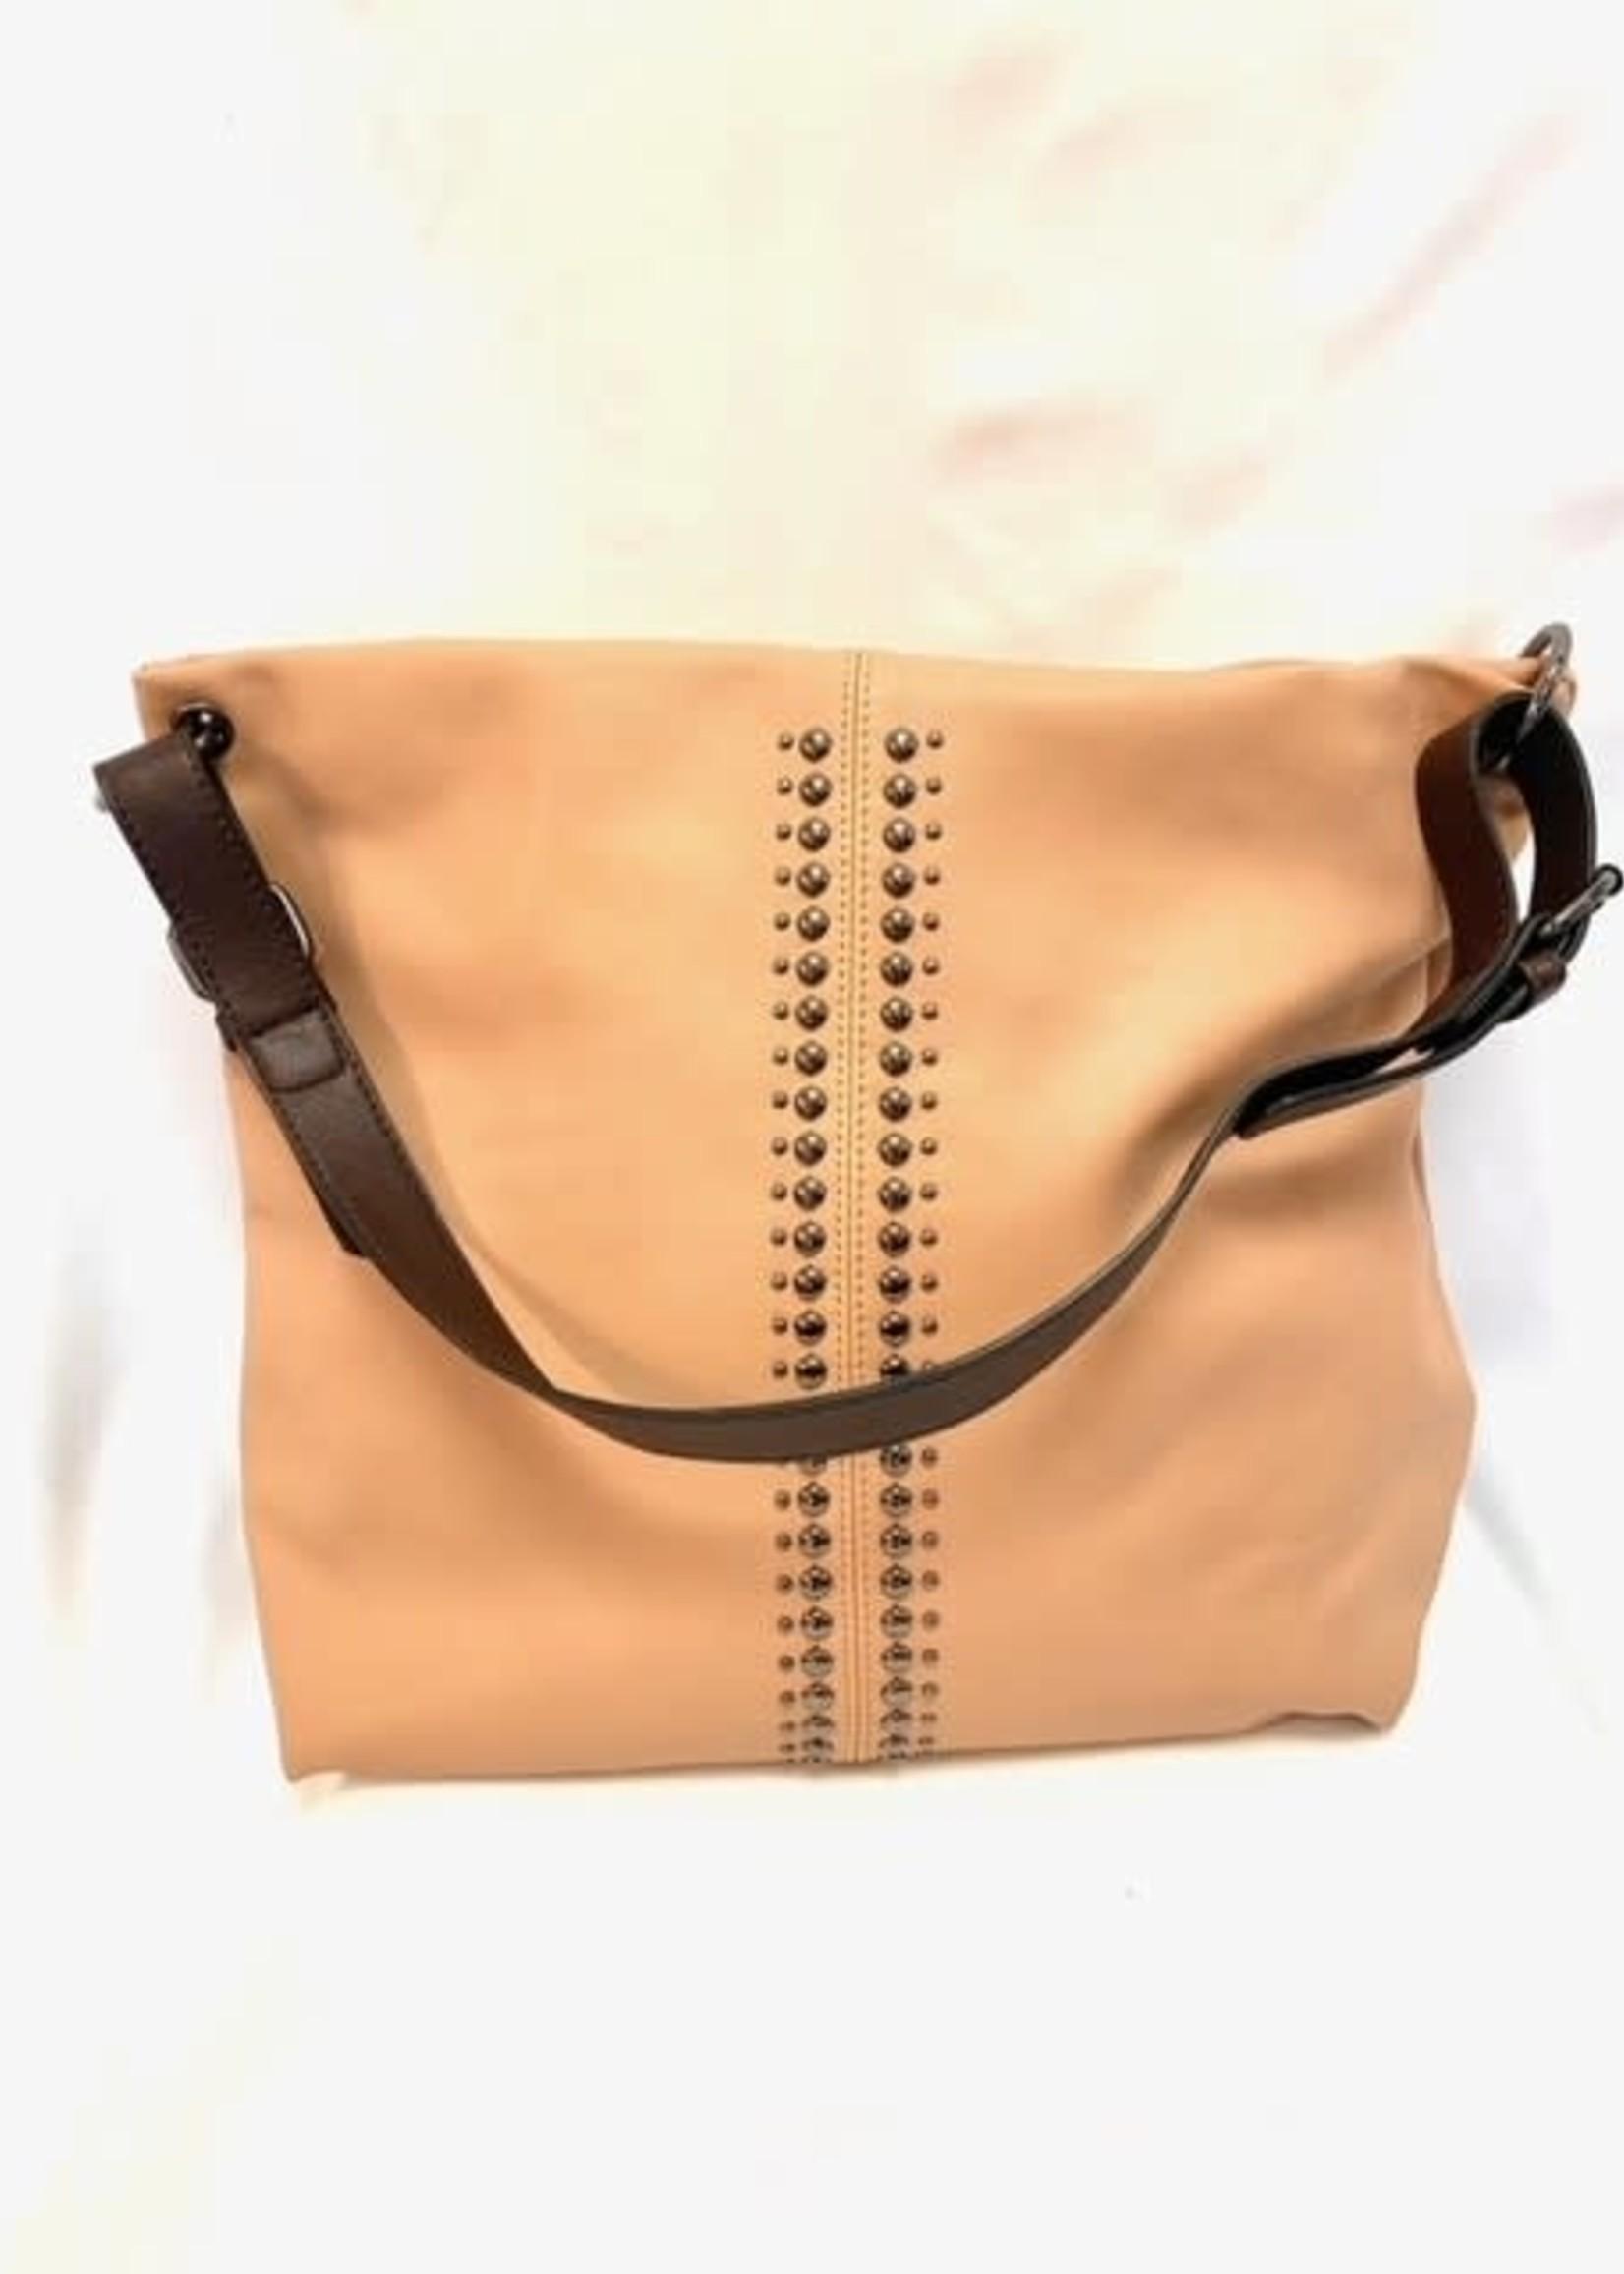 Blush tote purse